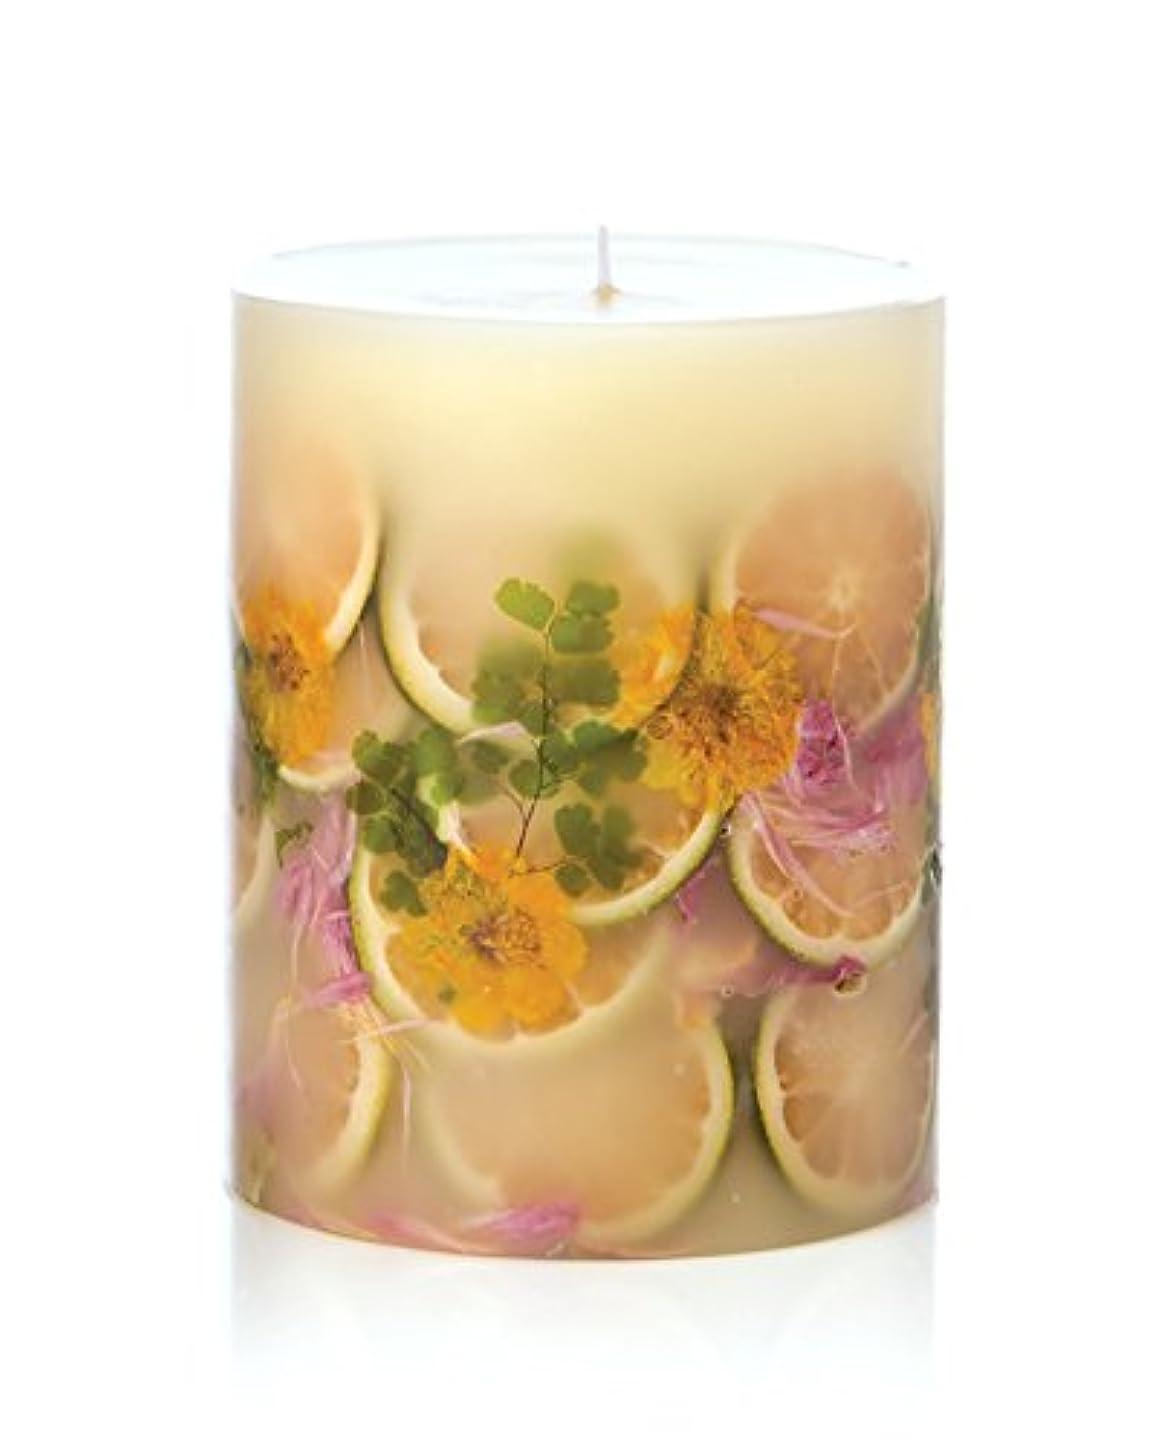 スワップまつげ帰るロージーリングス ボタニカルキャンドル ラウンド レモンブロッサム&ライチ ROSY RINGS Round Botanical Candle Round – Lemon Blossom & Lychee